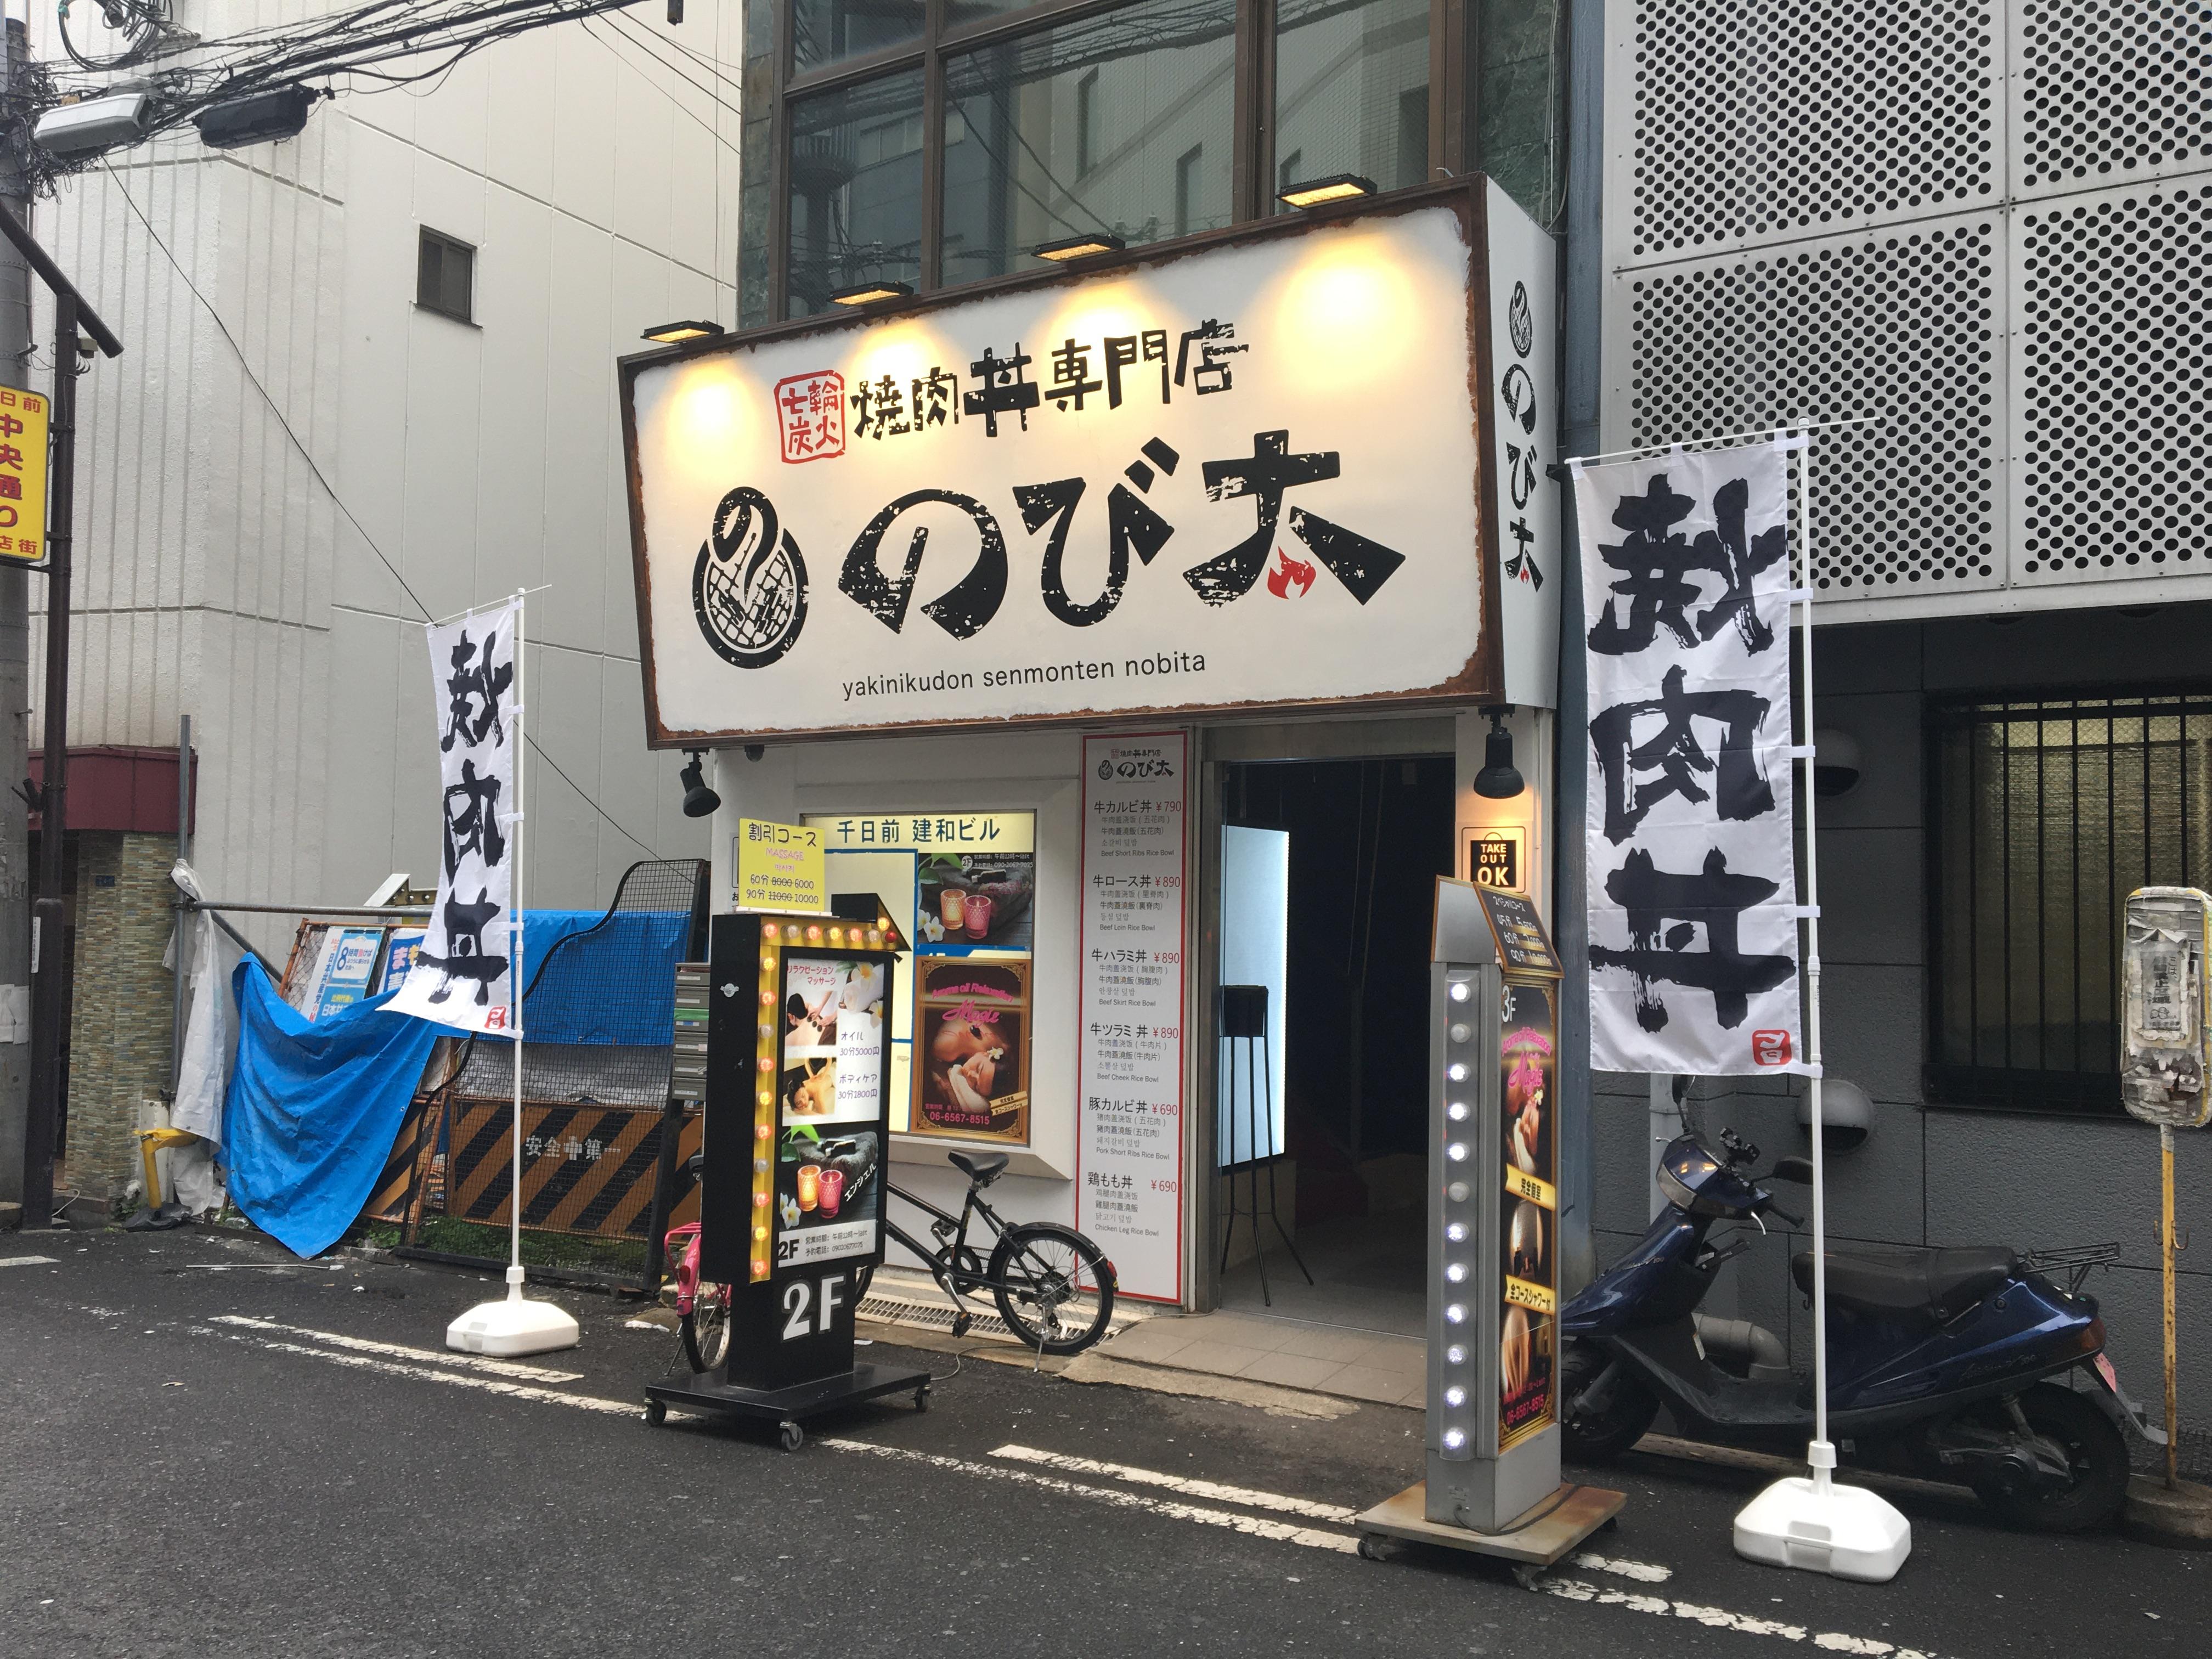 [七輪炭火焼肉丼専門店 のび太] がオープンしています!